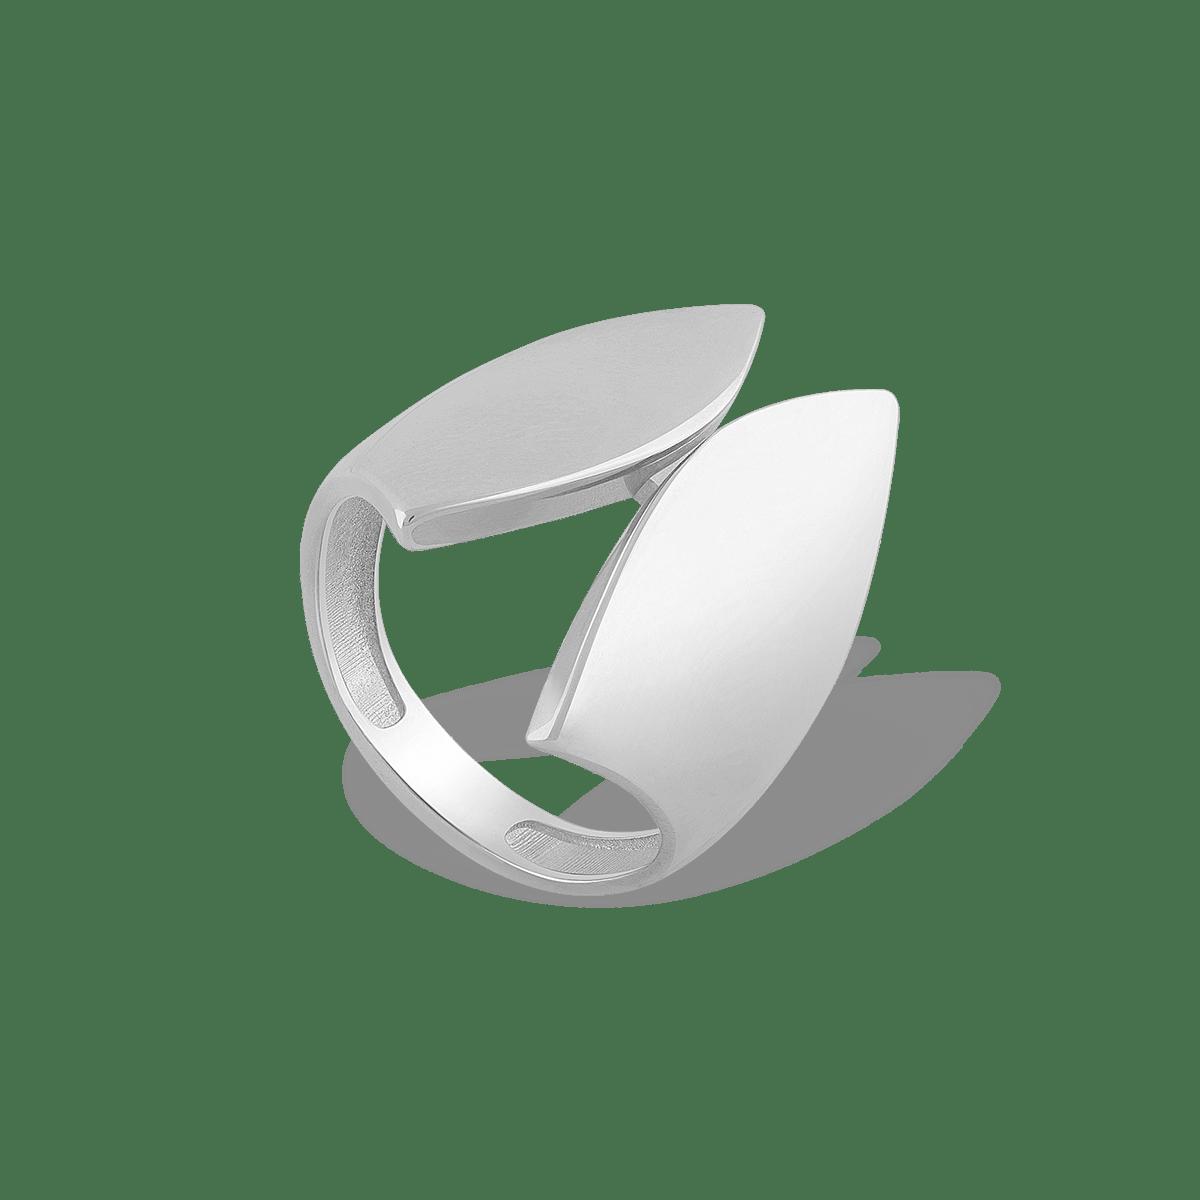 انگشتر نقره ونوکس Venux